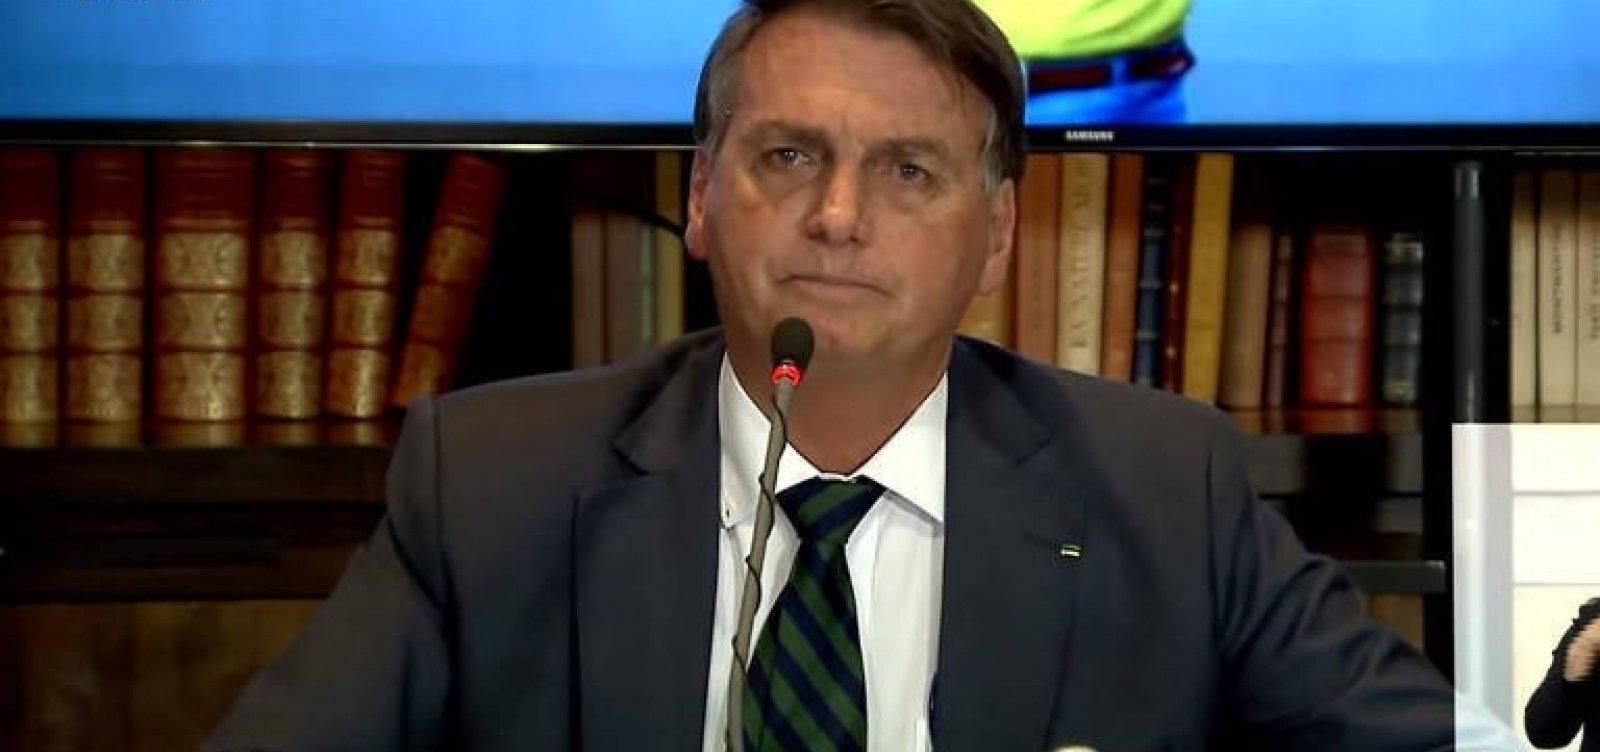 Em live, Bolsonaro admite que não pode comprovar se eleições de 2018 foram fraudadas